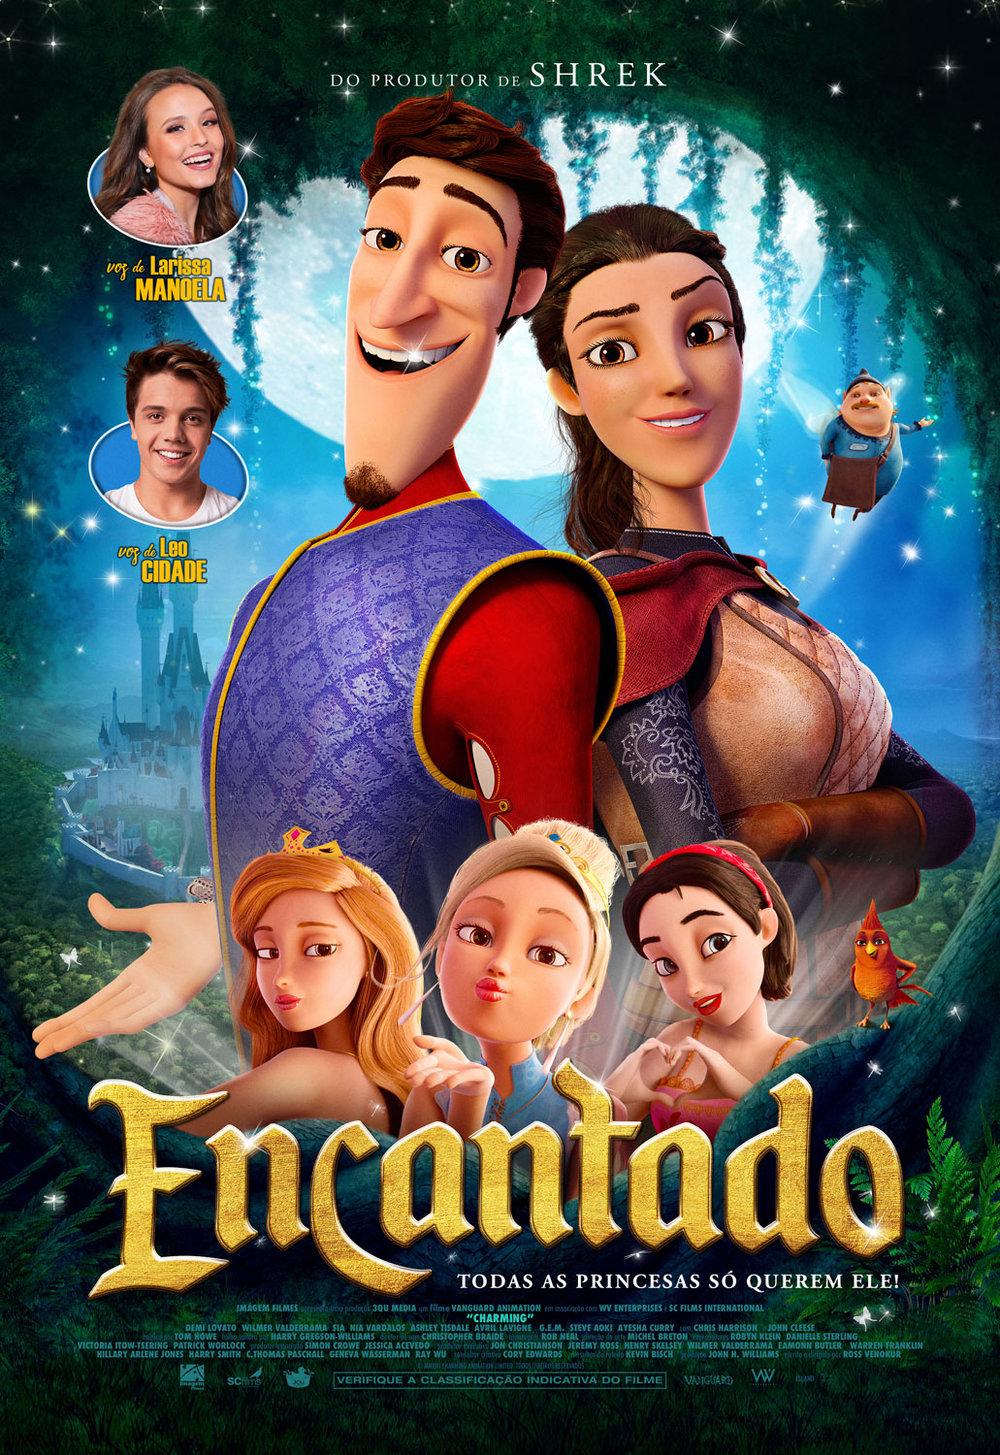 ENCANTADO